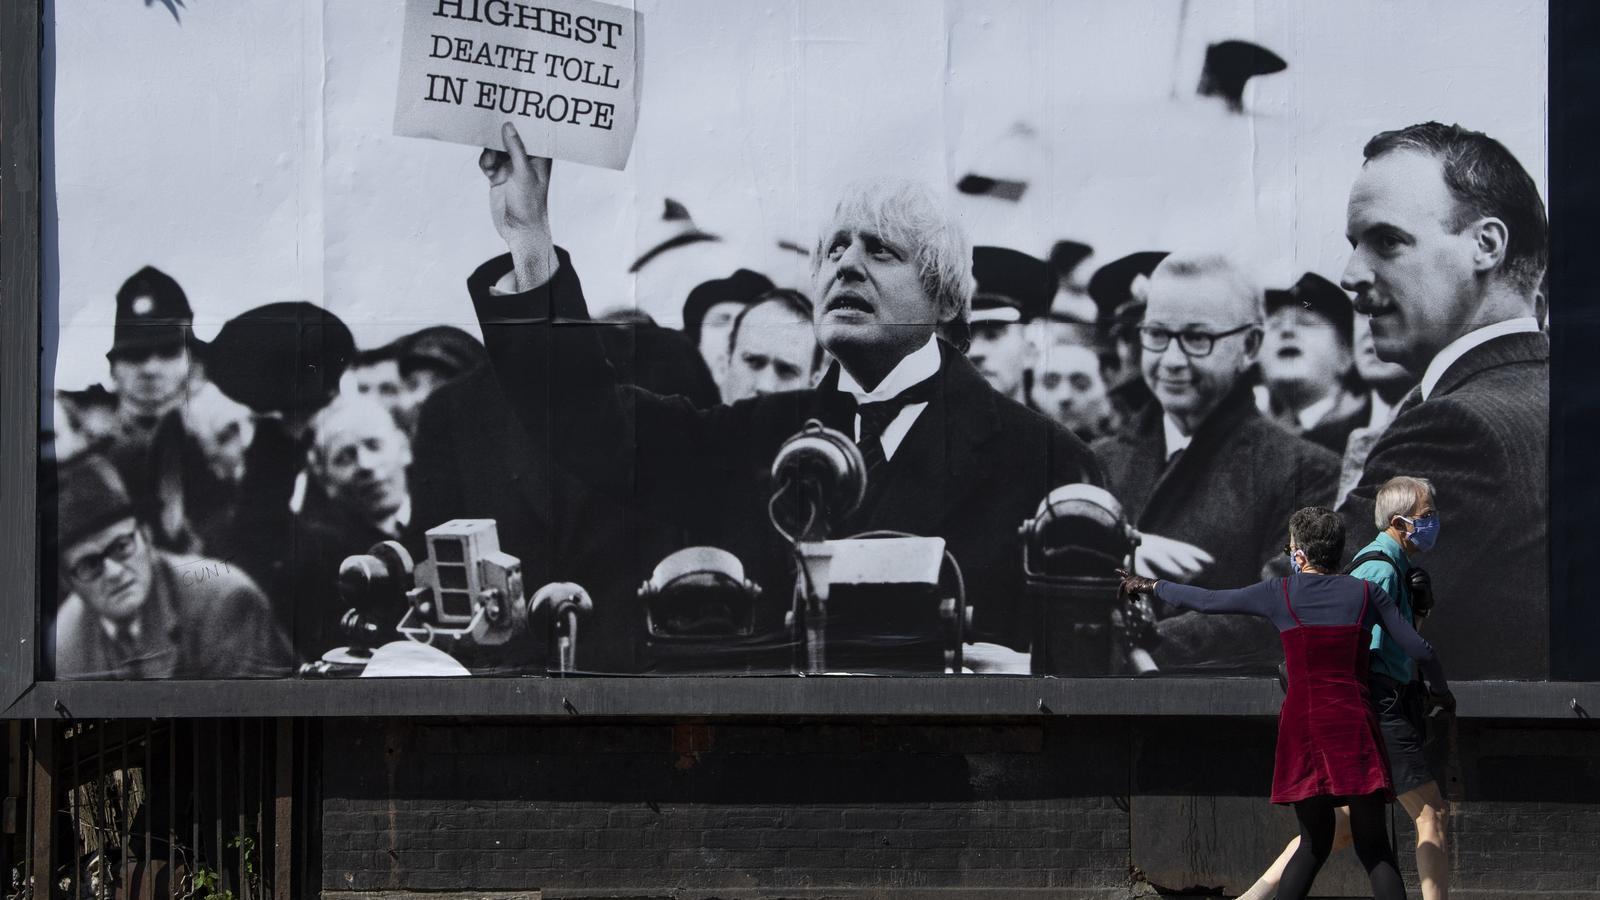 Un muntatge fotogràfic, presentant Boris Johnson com el ministre Neville Chamberlain, en un famós discurs de 1939, critica el galdós paper del premier durant la crisi del covid-19